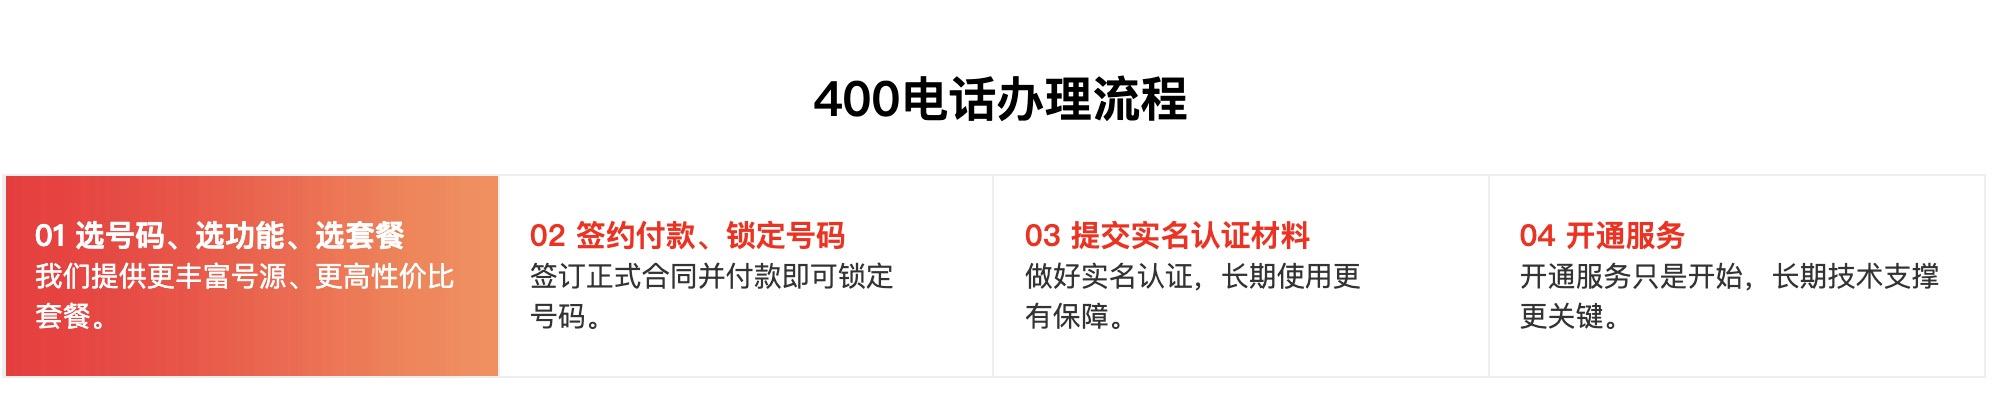 什么是企业400号码?400号码有哪些好处?如何办理400号码?